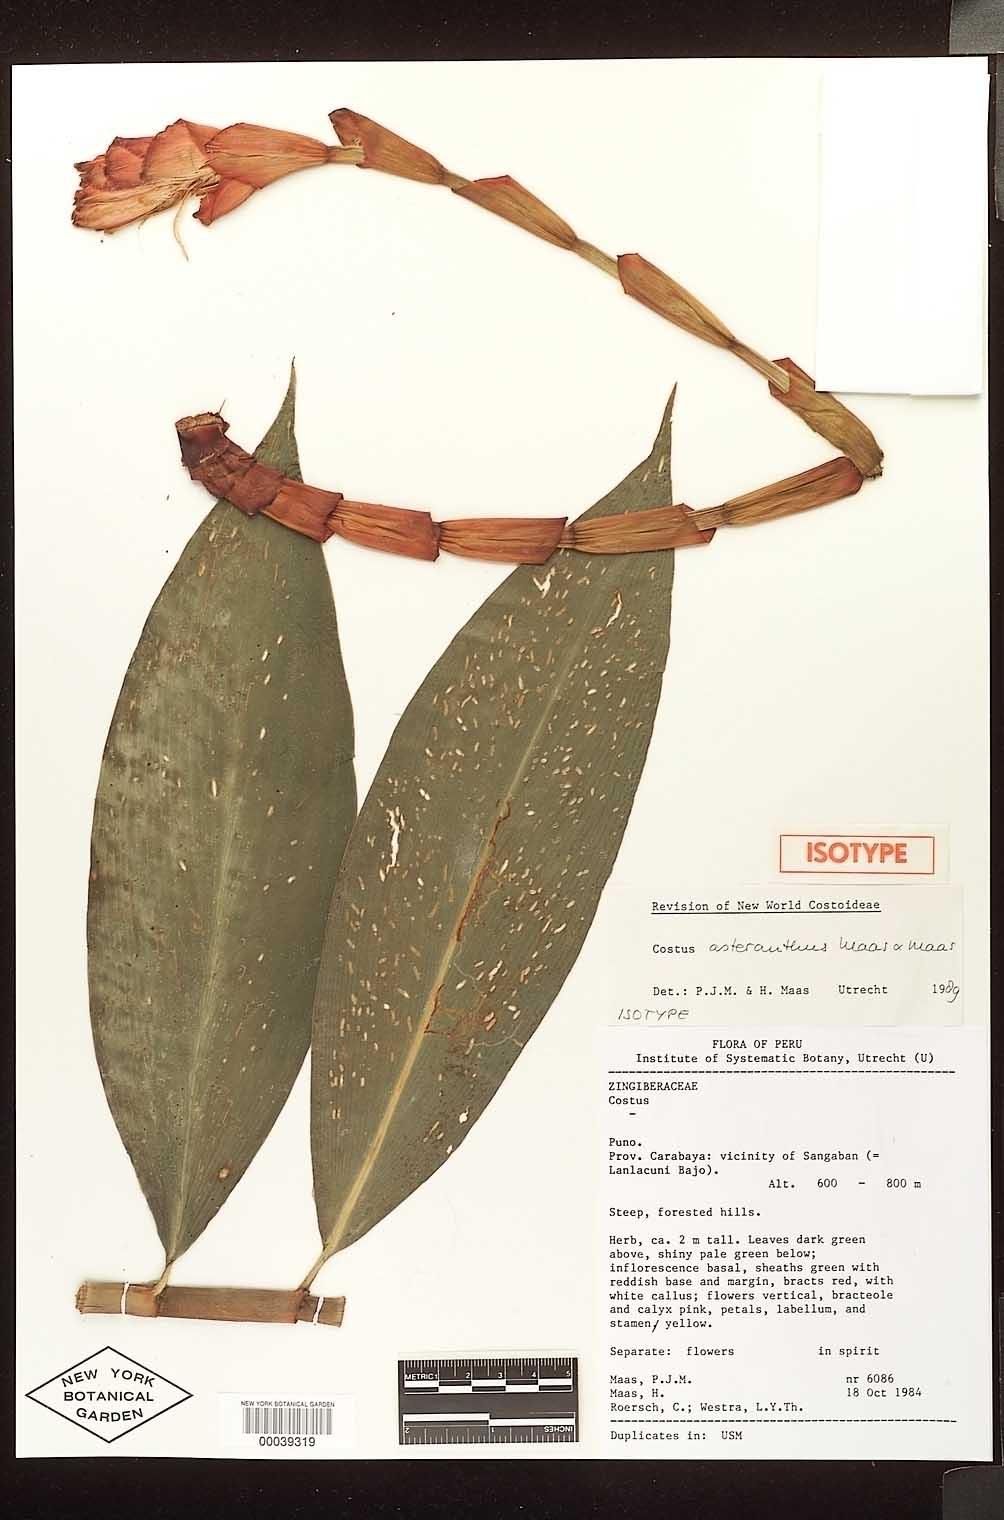 Photo# 17700 - Costus asteranthus isotype at NY Botanical Garden